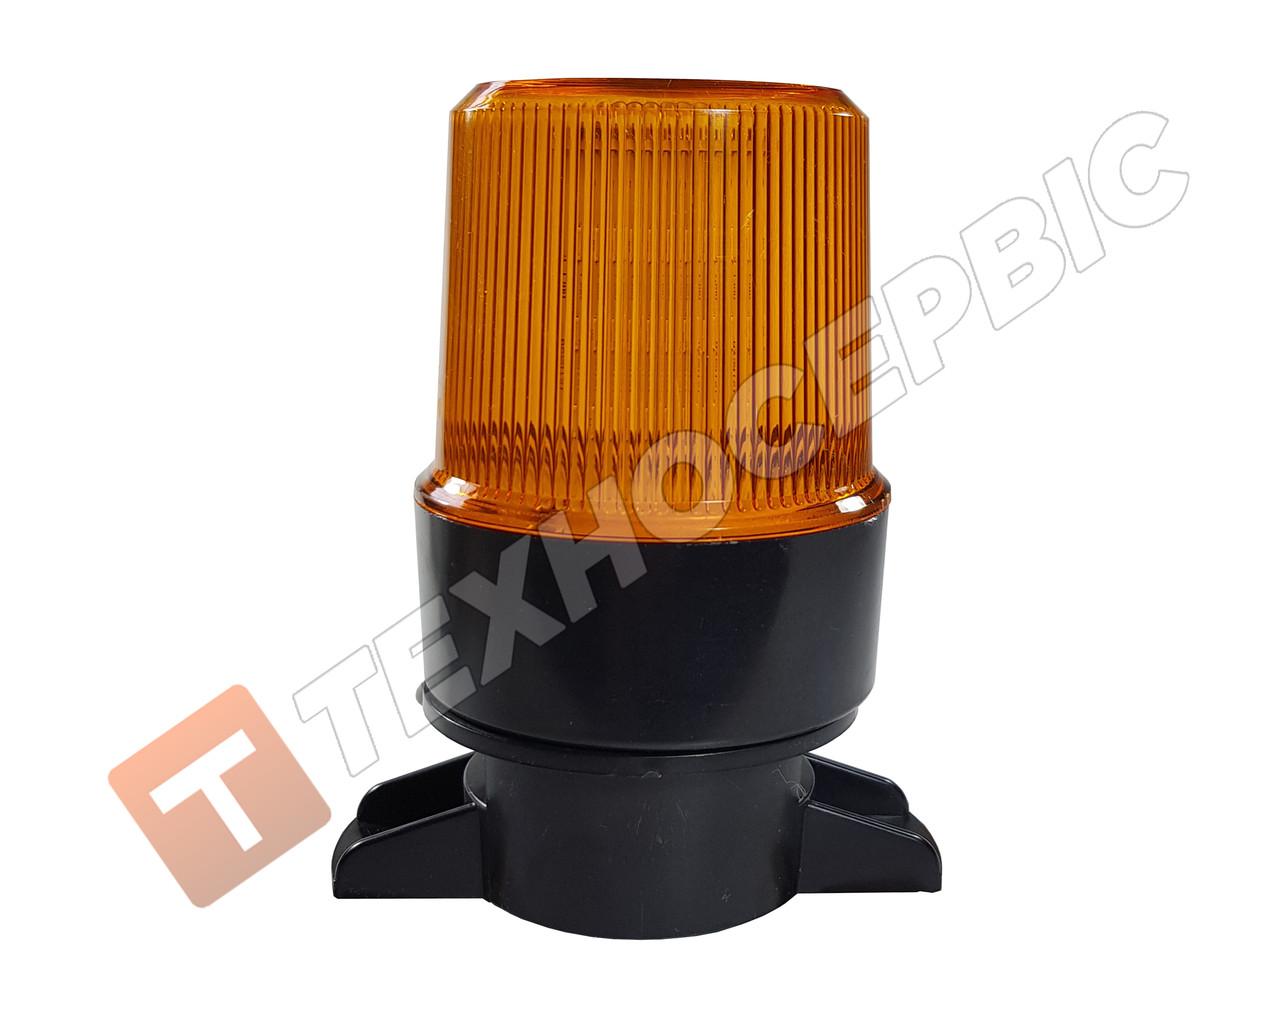 Проблесковый маячок,оранжевый,светодиодный 18LED,10-30 Вольт (мигалка) крепление на шток (пр-во IsiksanТурция)